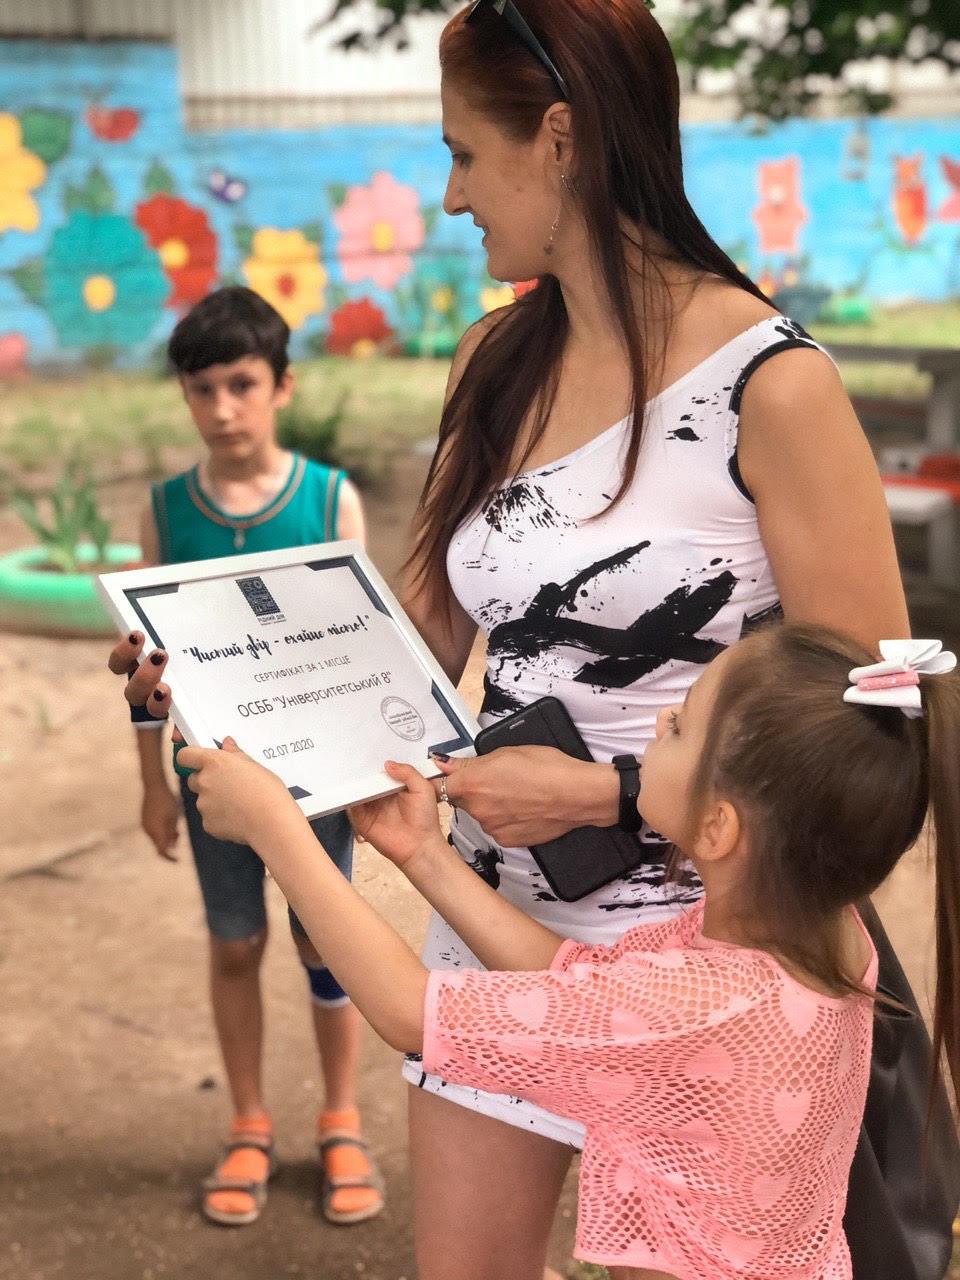 Ужгород. «Чистий двір – охайне місто!» - ініціатива, яка вчить діяти і отримувати результат